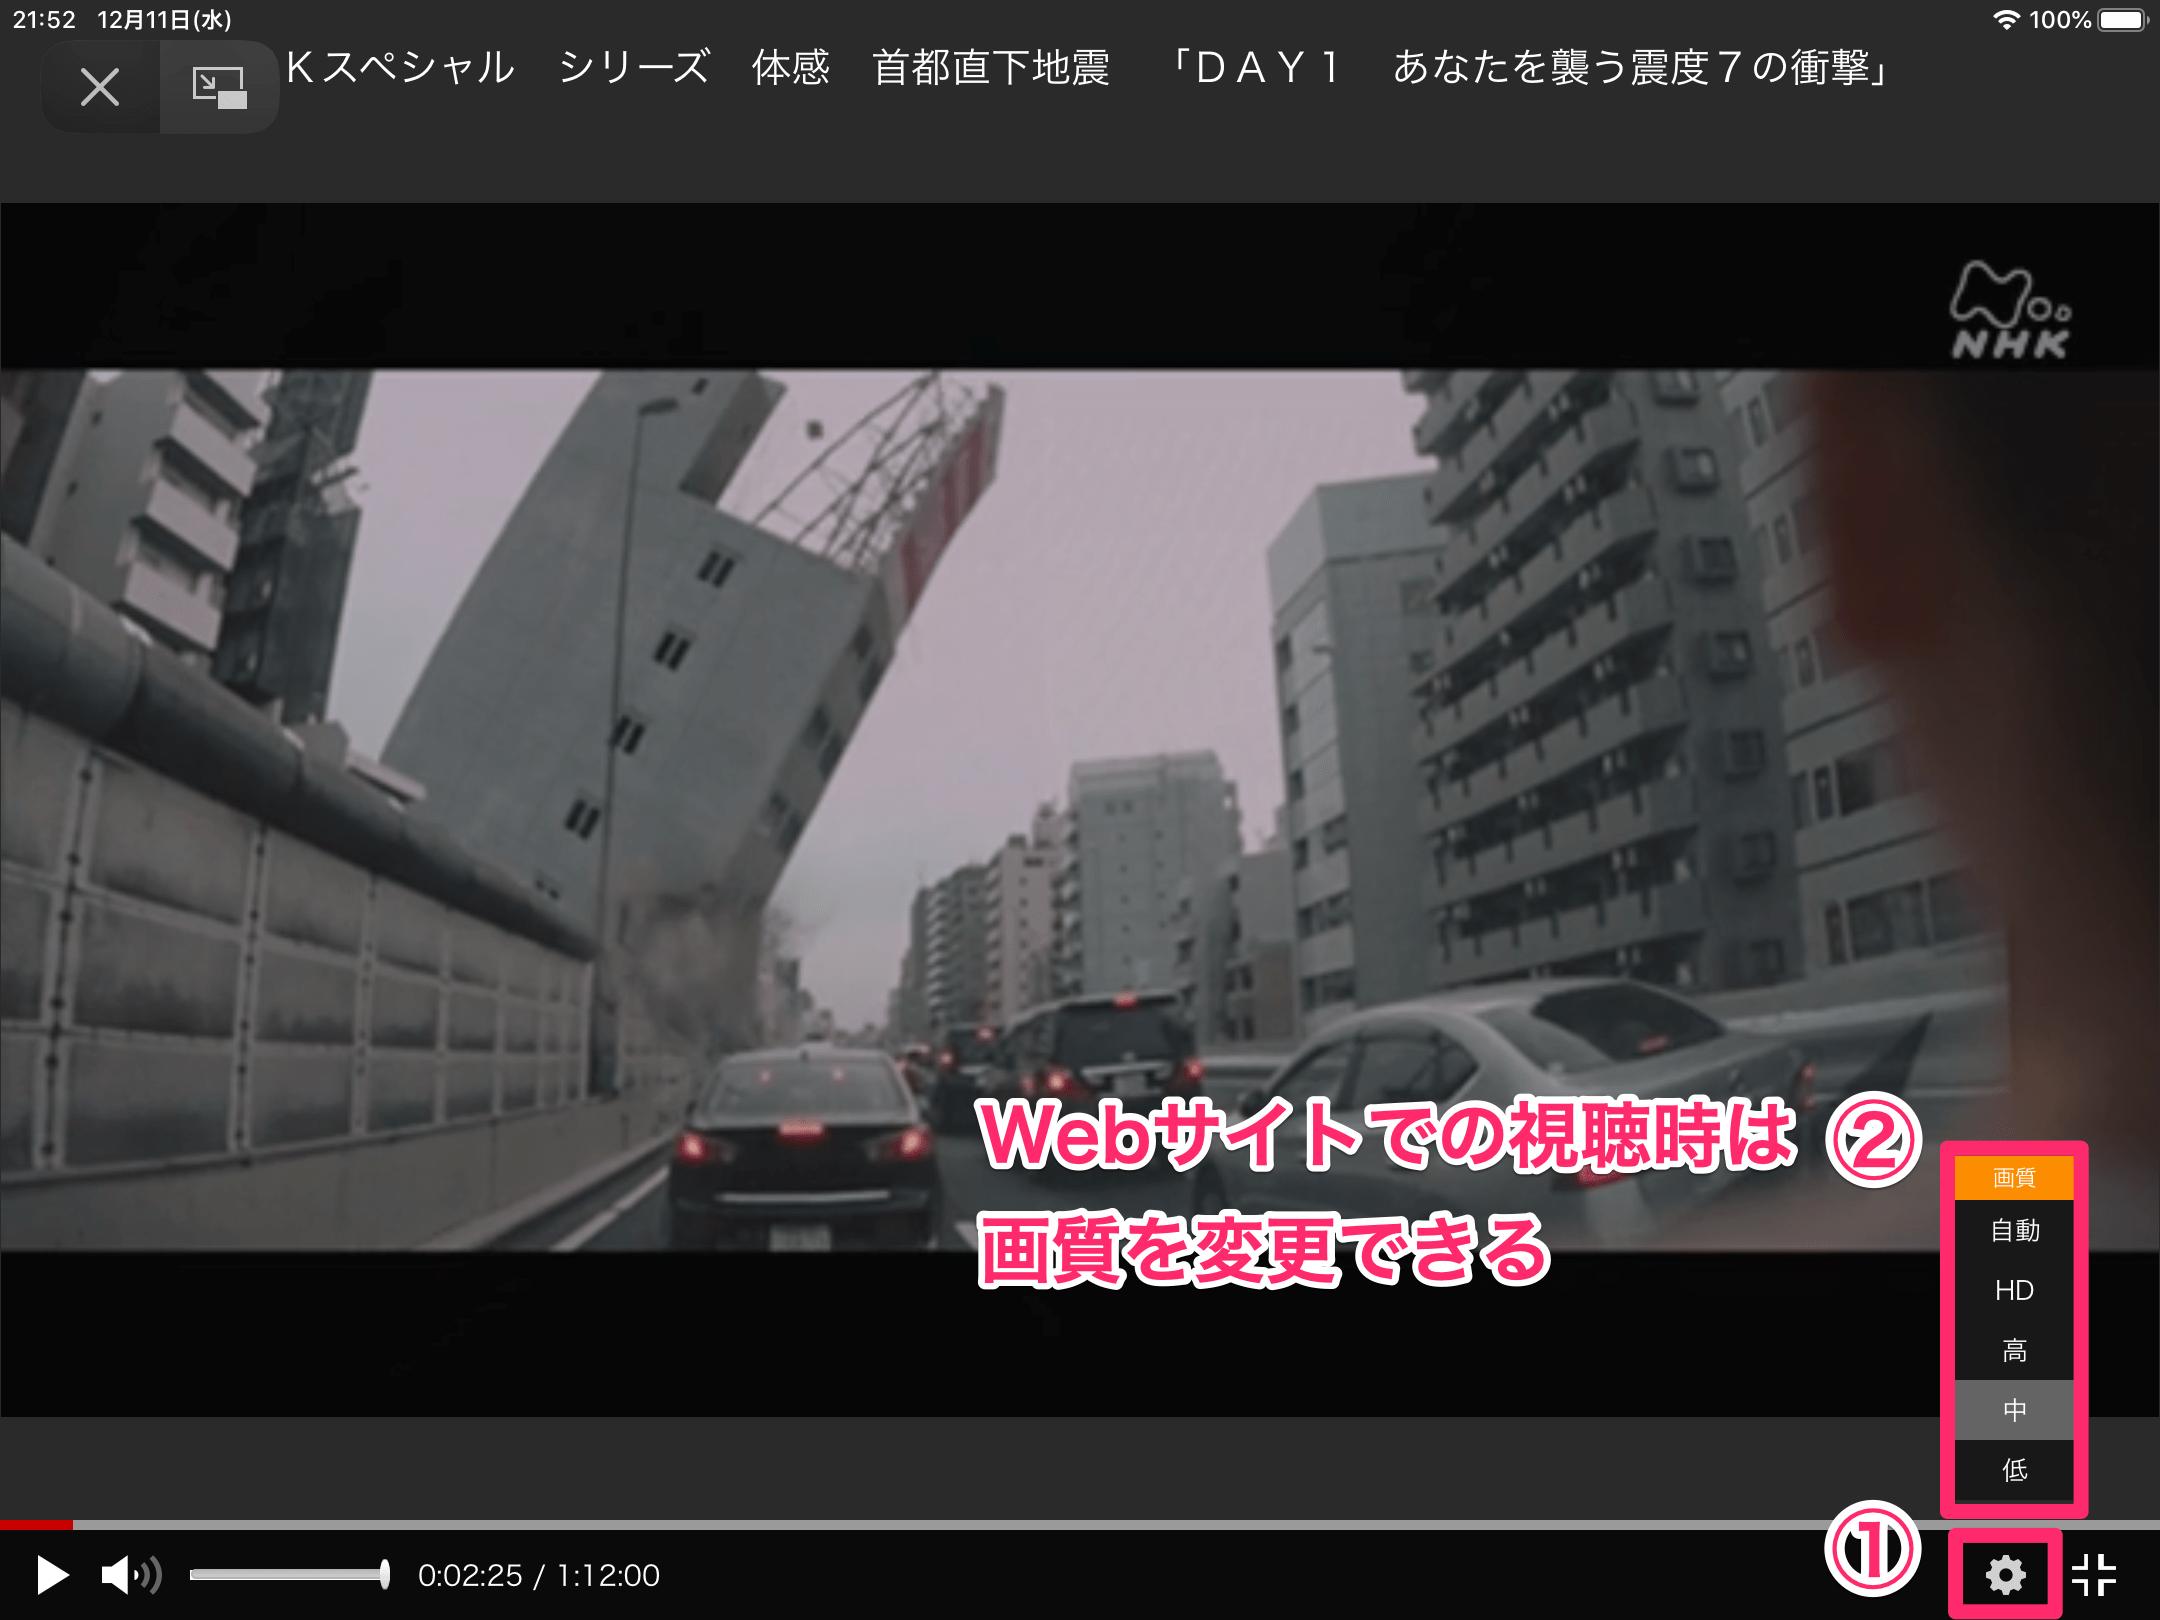 まだ観られる! リアルすぎると話題のNHK首都直下地震ドラマ「パラレル東京」が12/17まで無料配信中